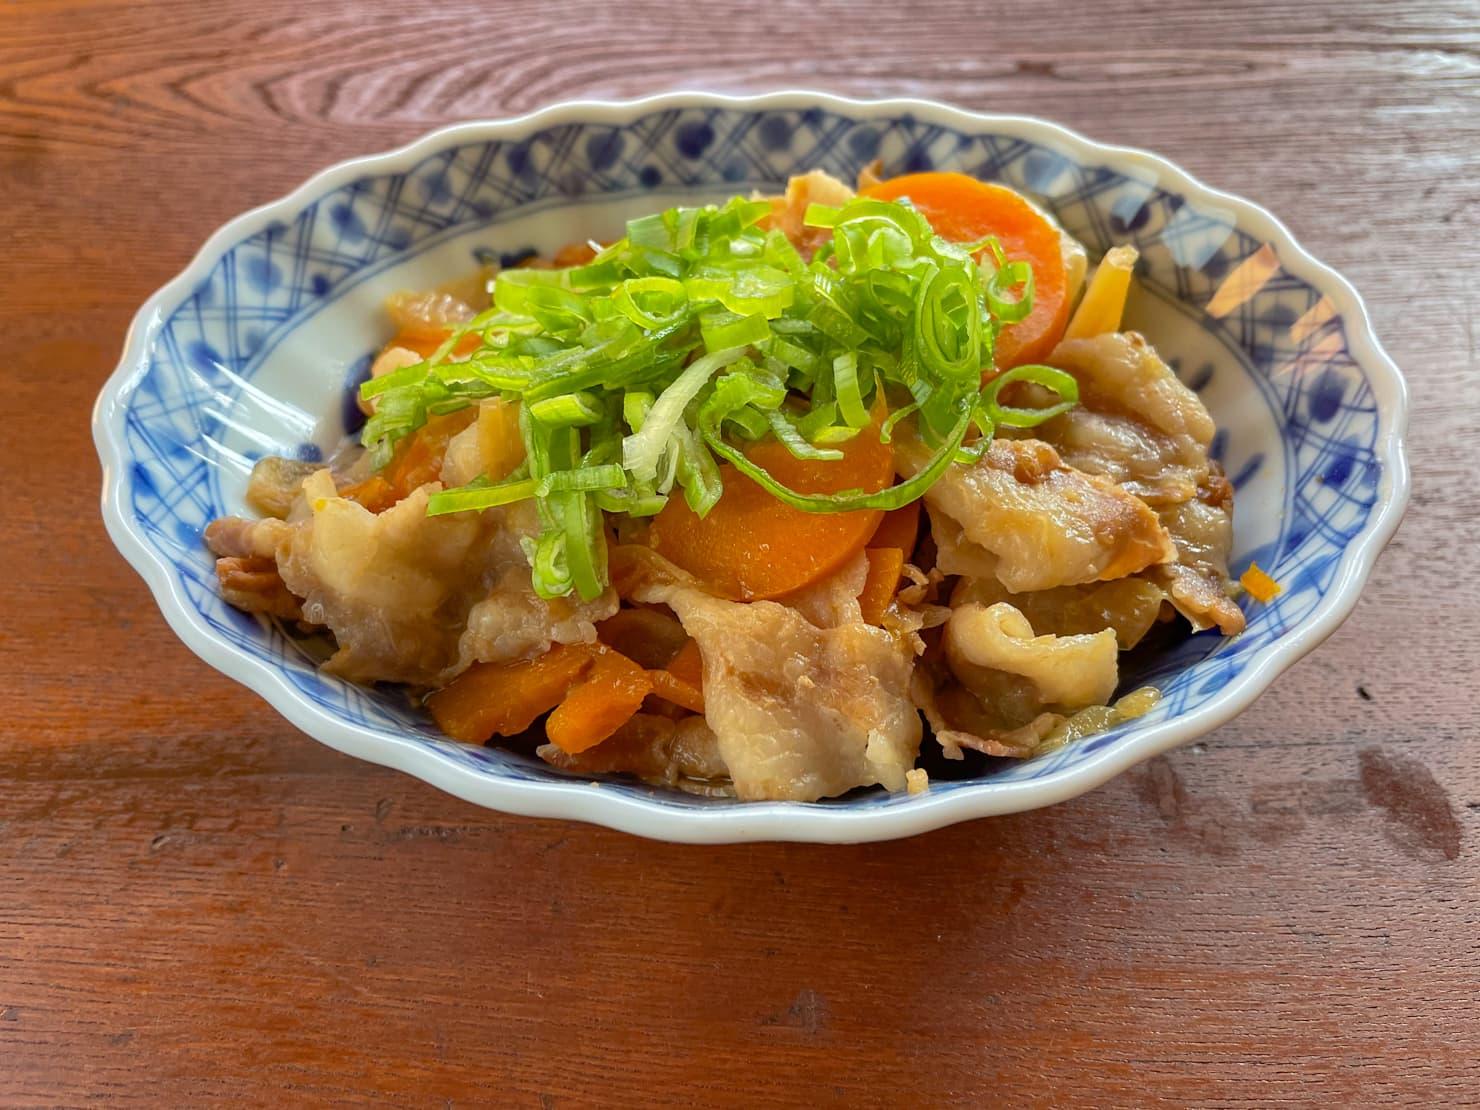 キャベツと豚バラの煮物の写真